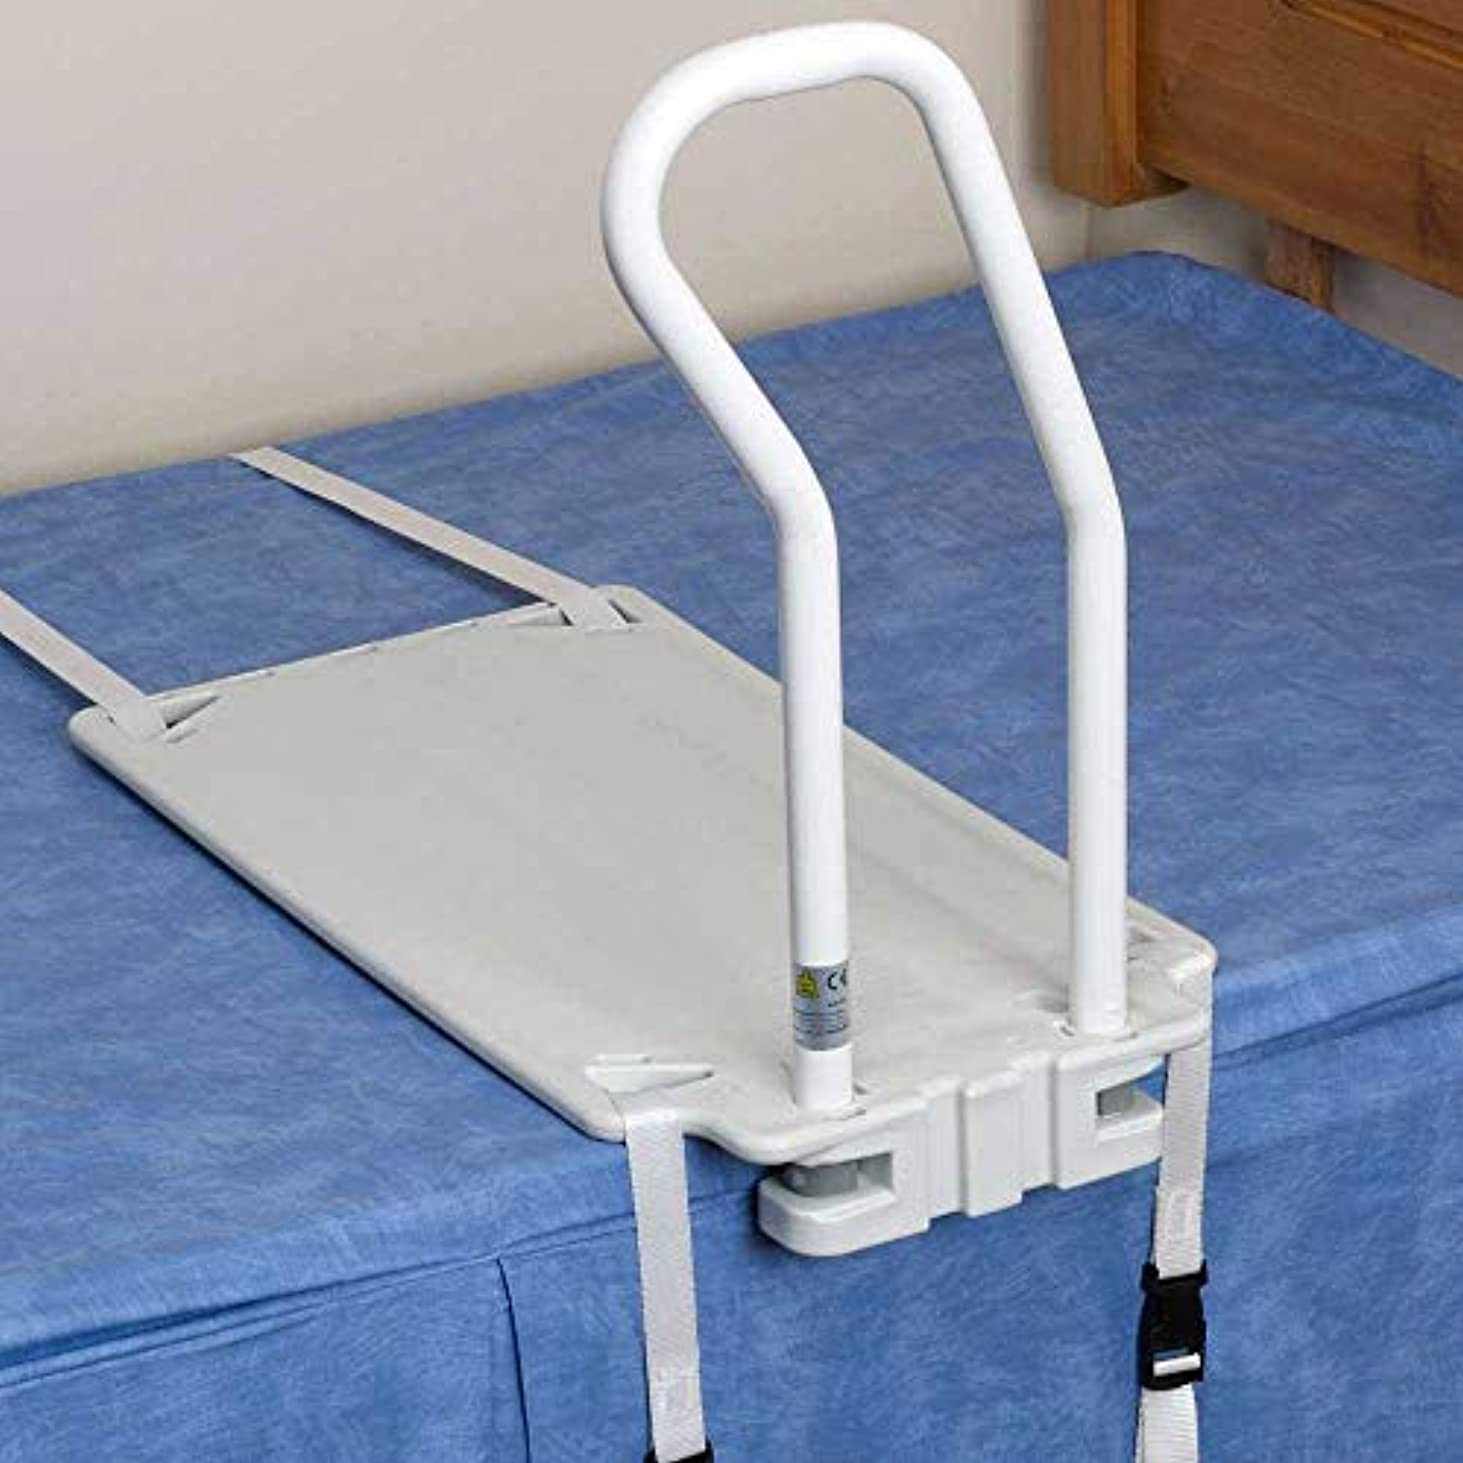 ボイラートランスペアレント気取らないベッドサイド手すり、ベッドへの出入りの補助、安定補助具、高齢者用、身体障害者用、障害者用、ディバンベッドグラブハンドル